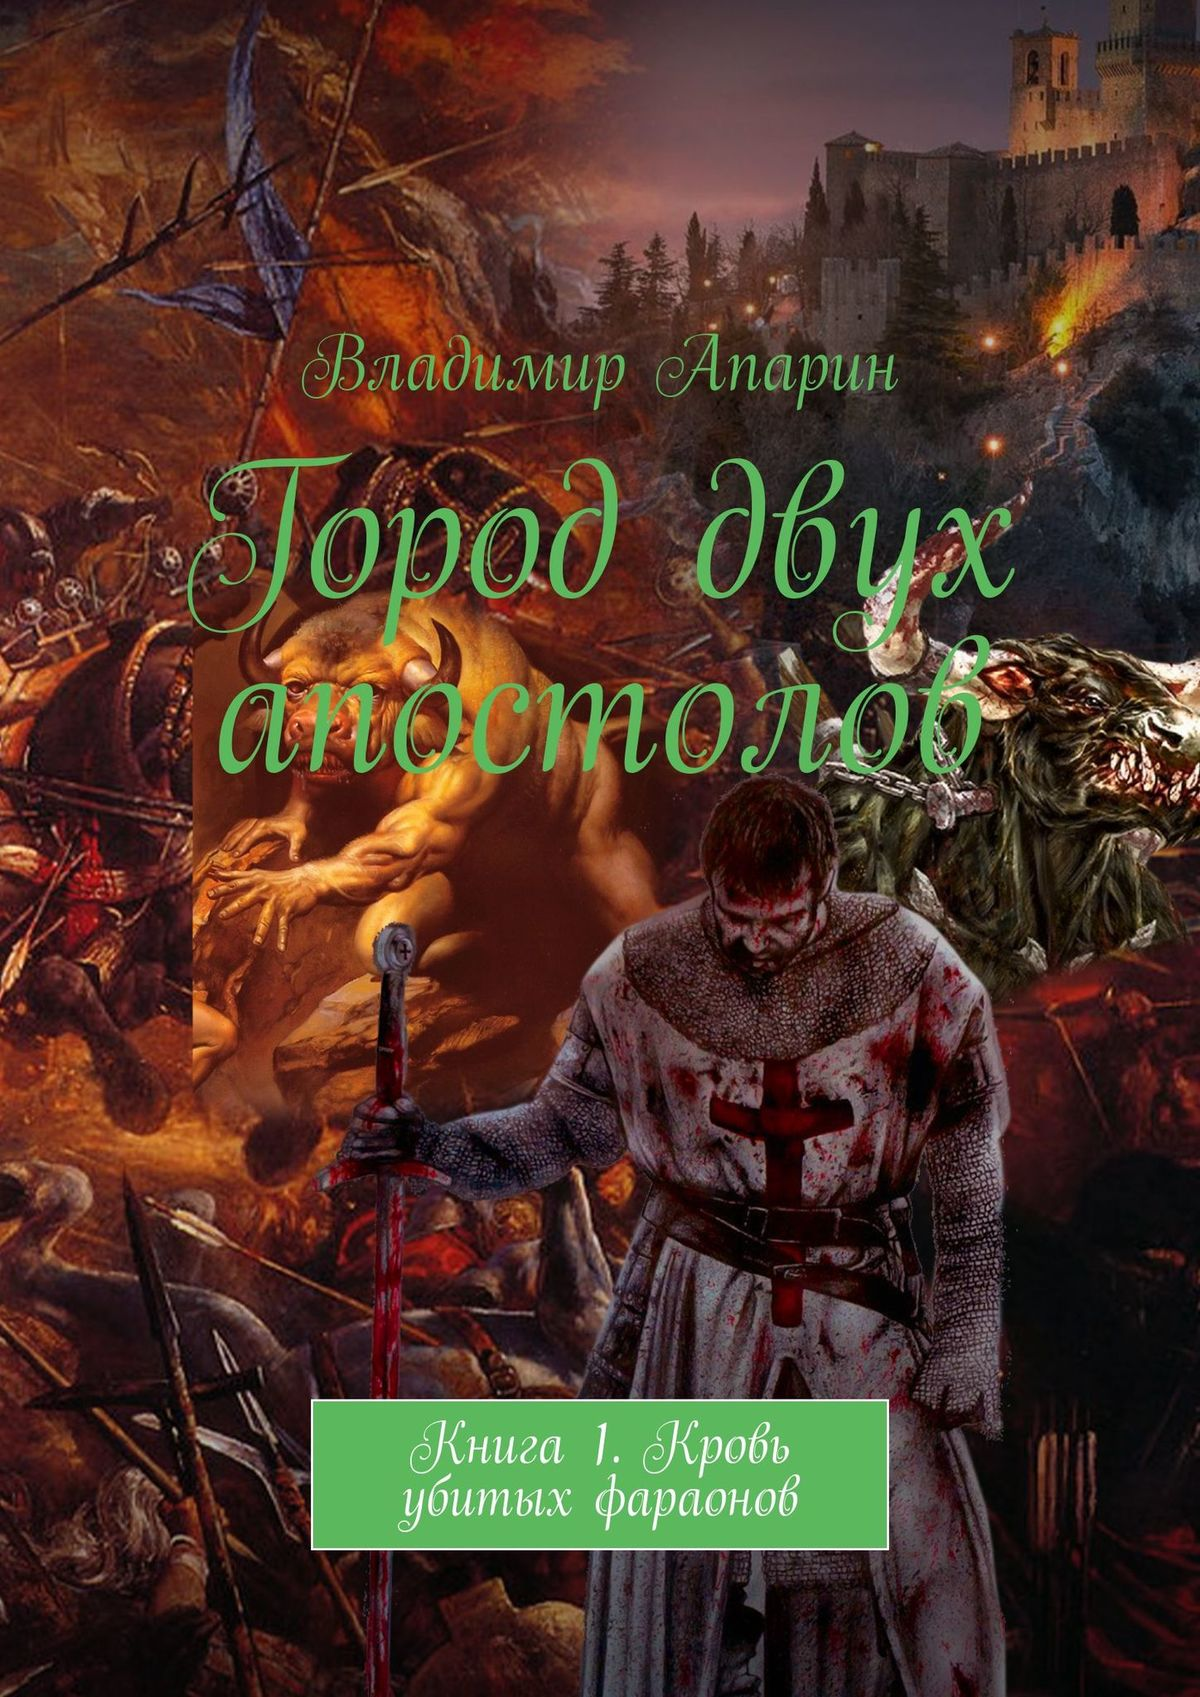 Владимир Апарин Город двух апостолов. Книга 1.Кровь убитых фараонов